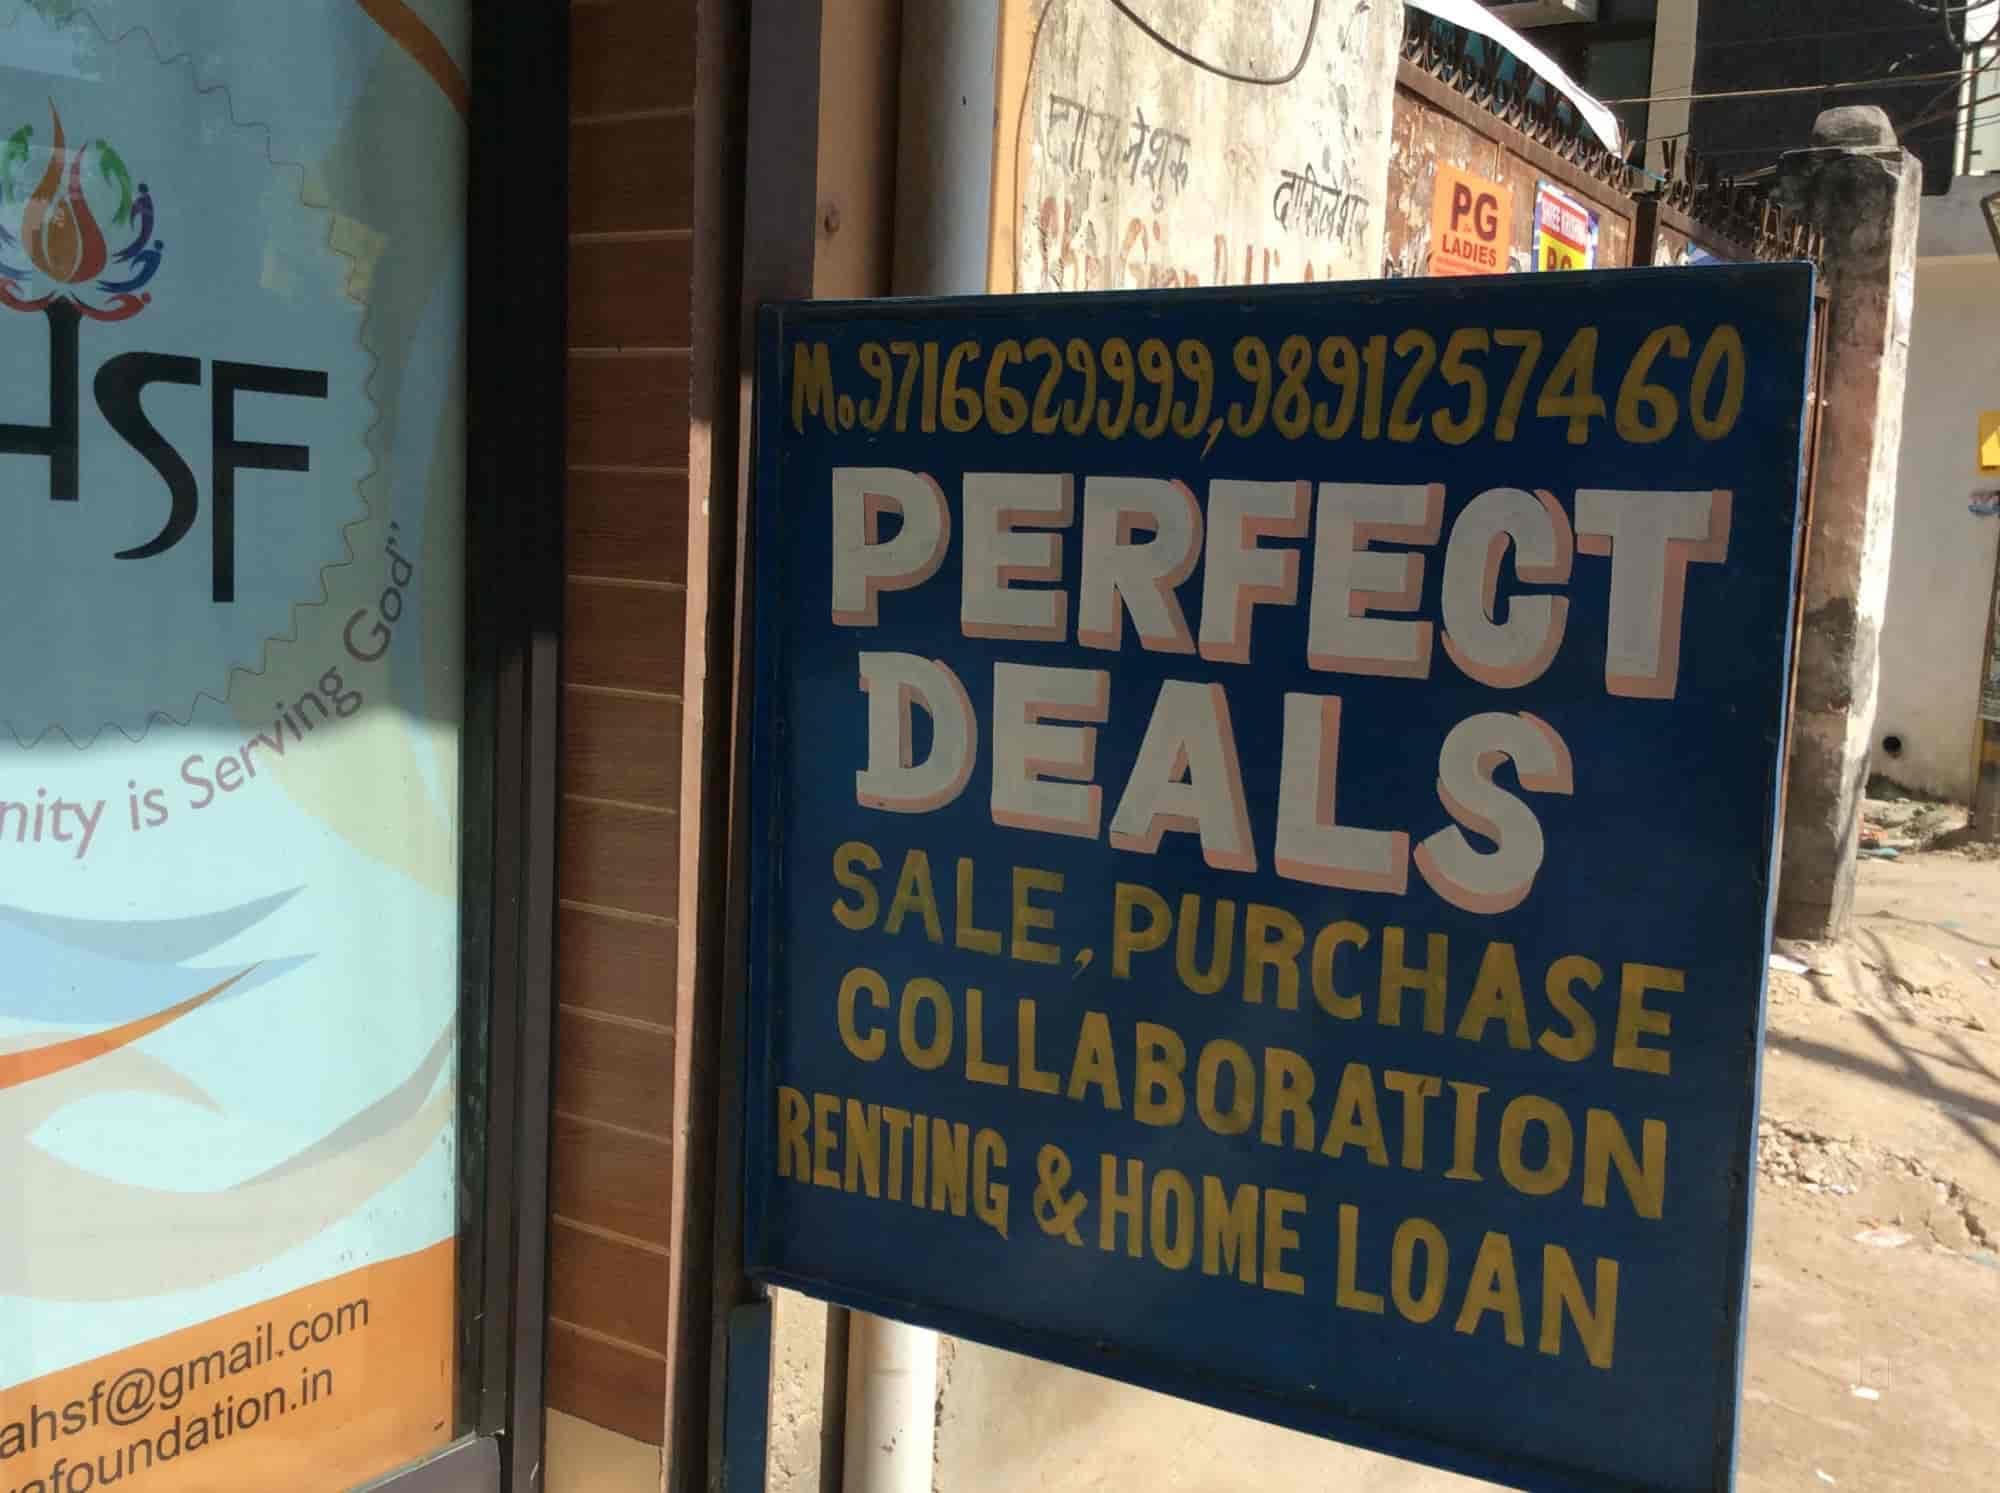 Perfect deals